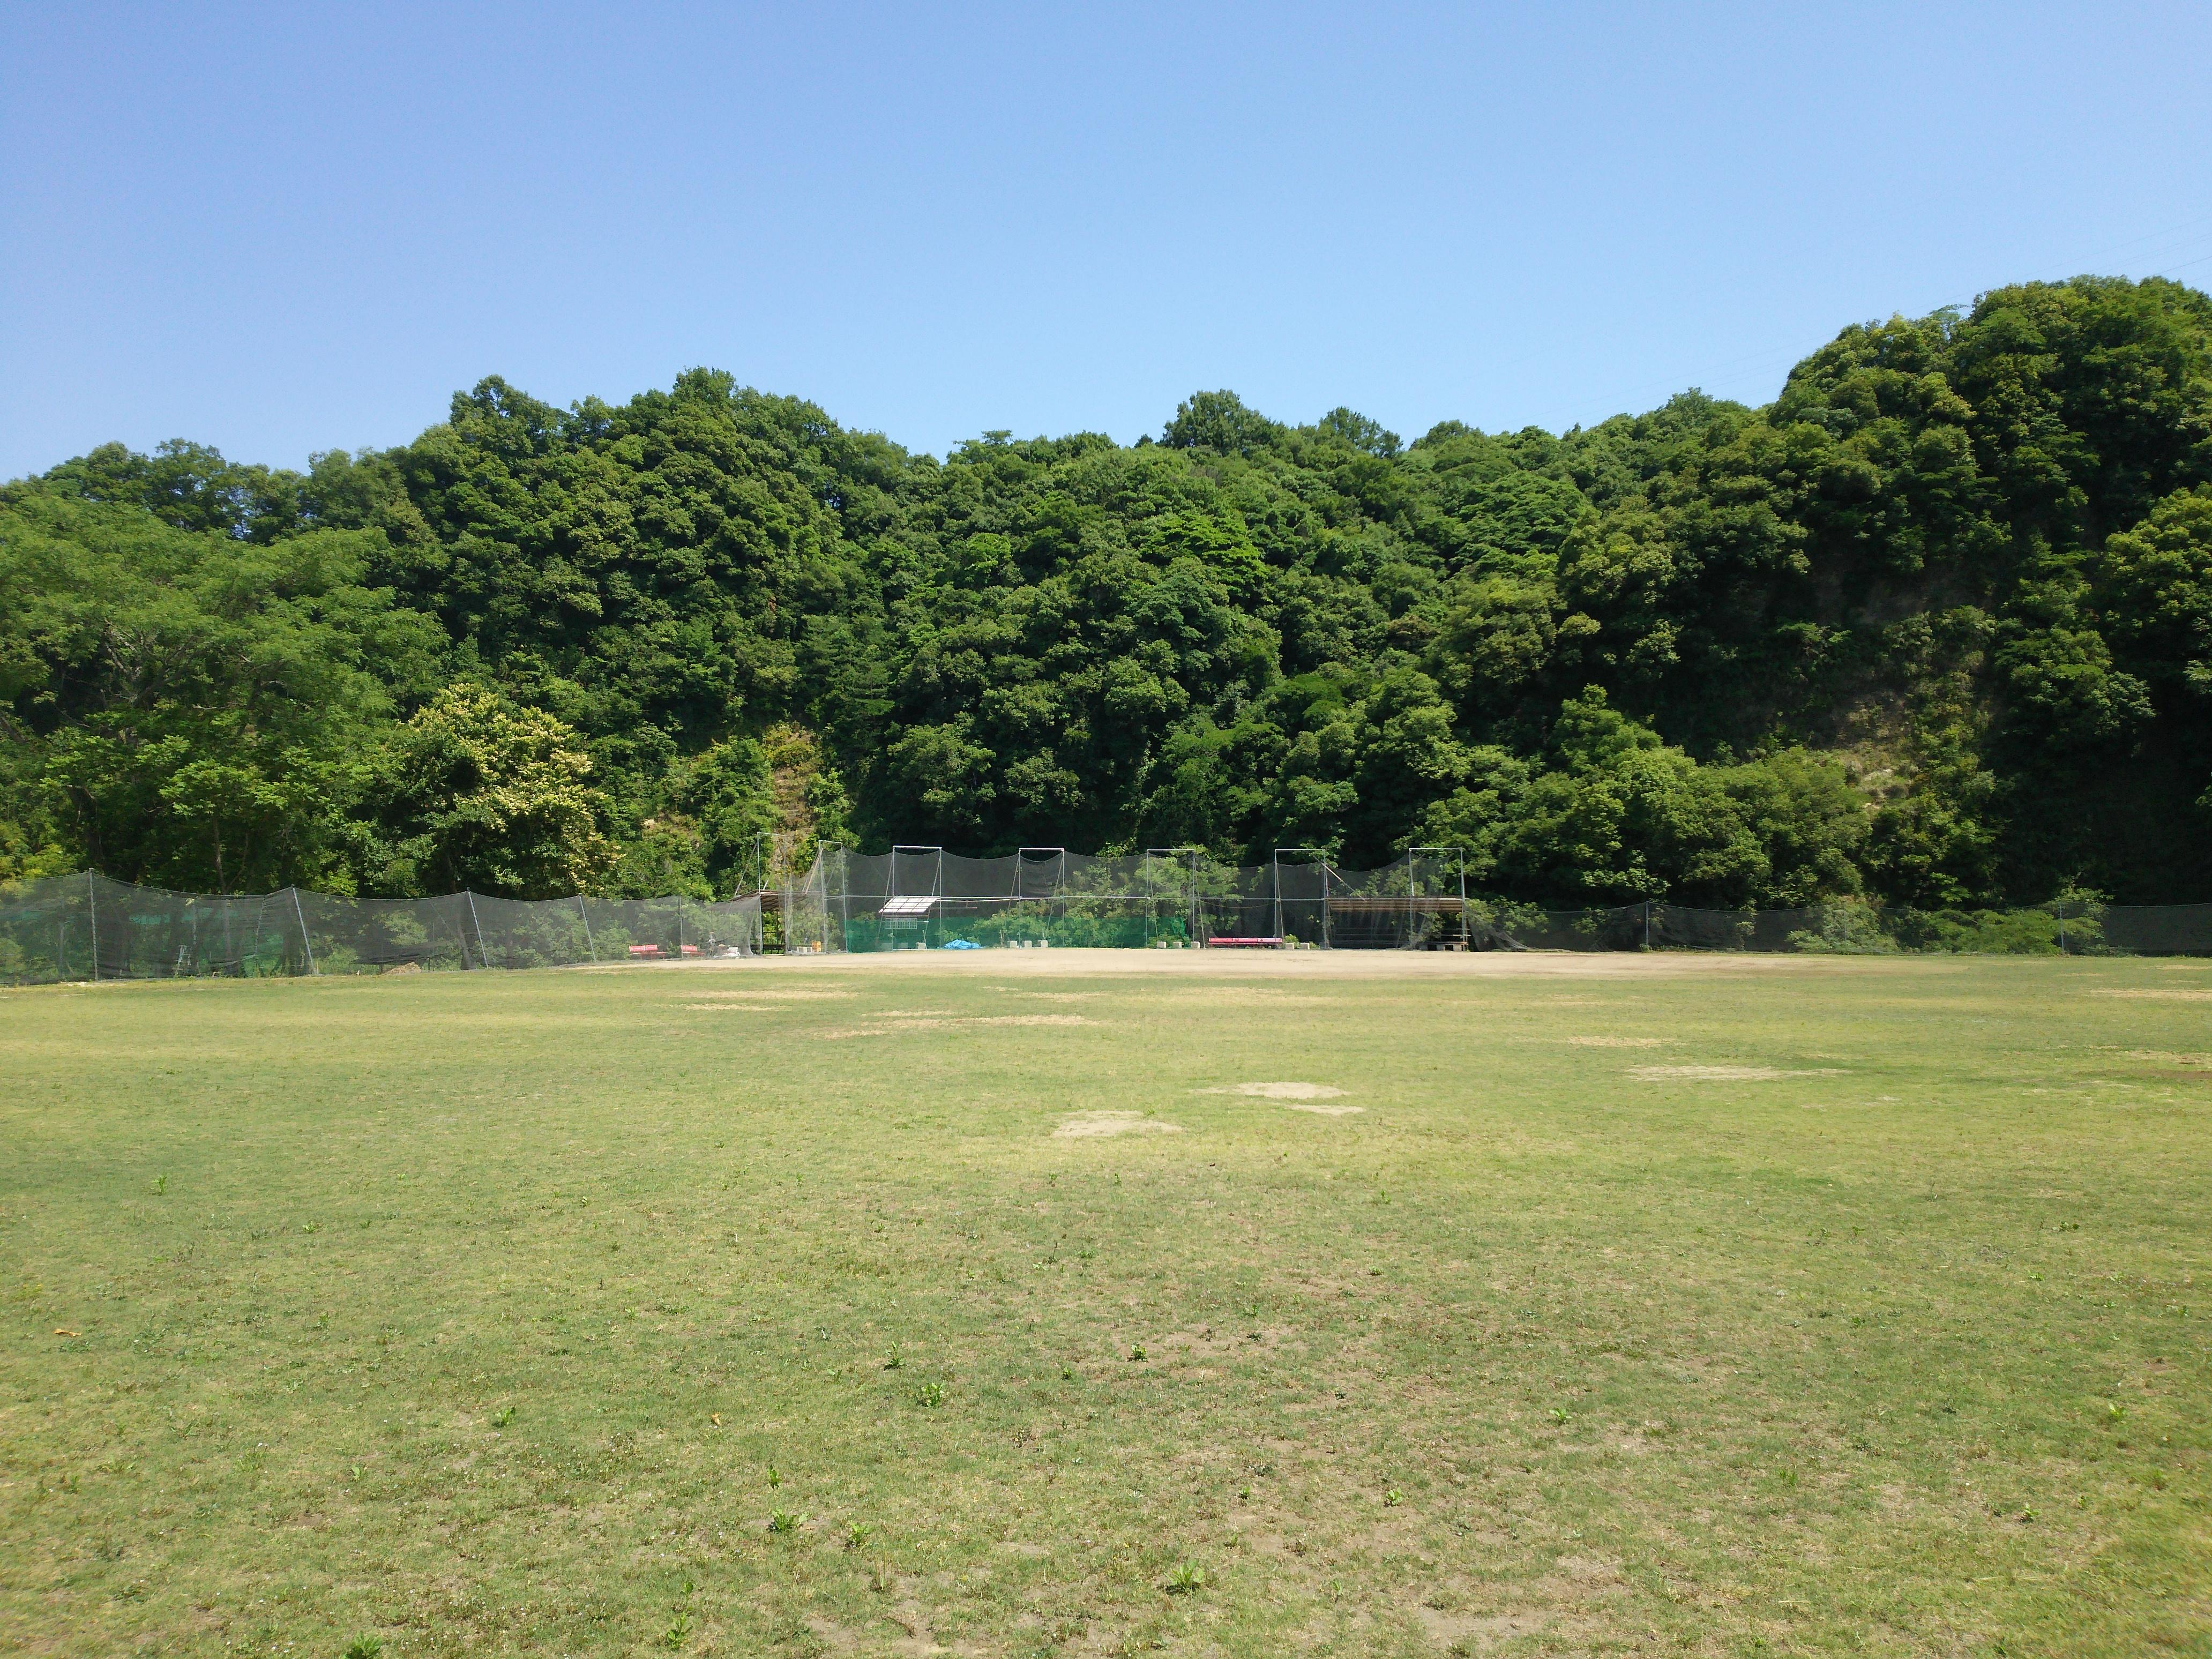 Nスポーツクラブ 野球場